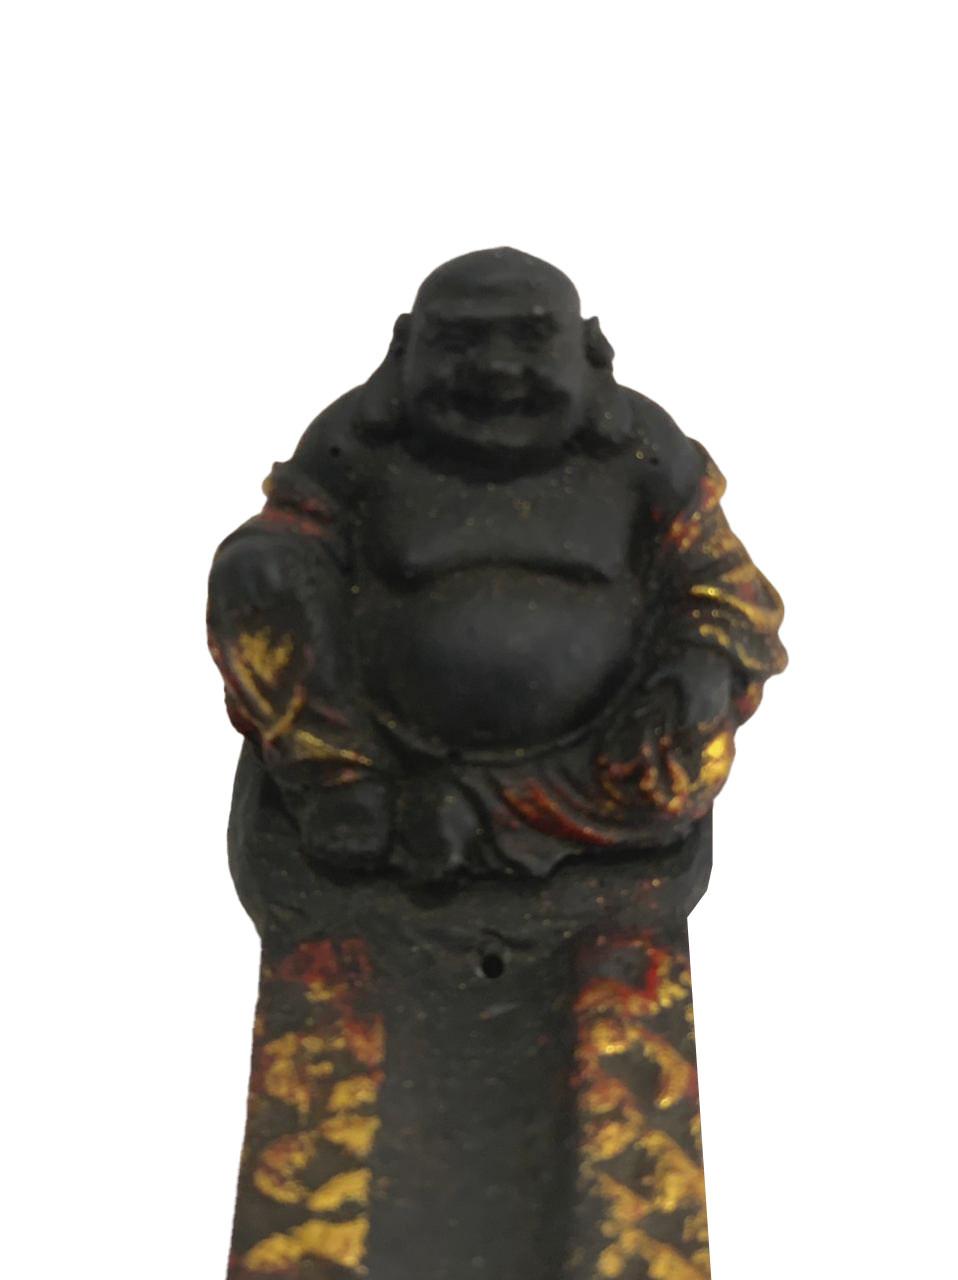 Porta Incensos Buda Maitreya em Preto e Dourado ( 07x05x29cm )